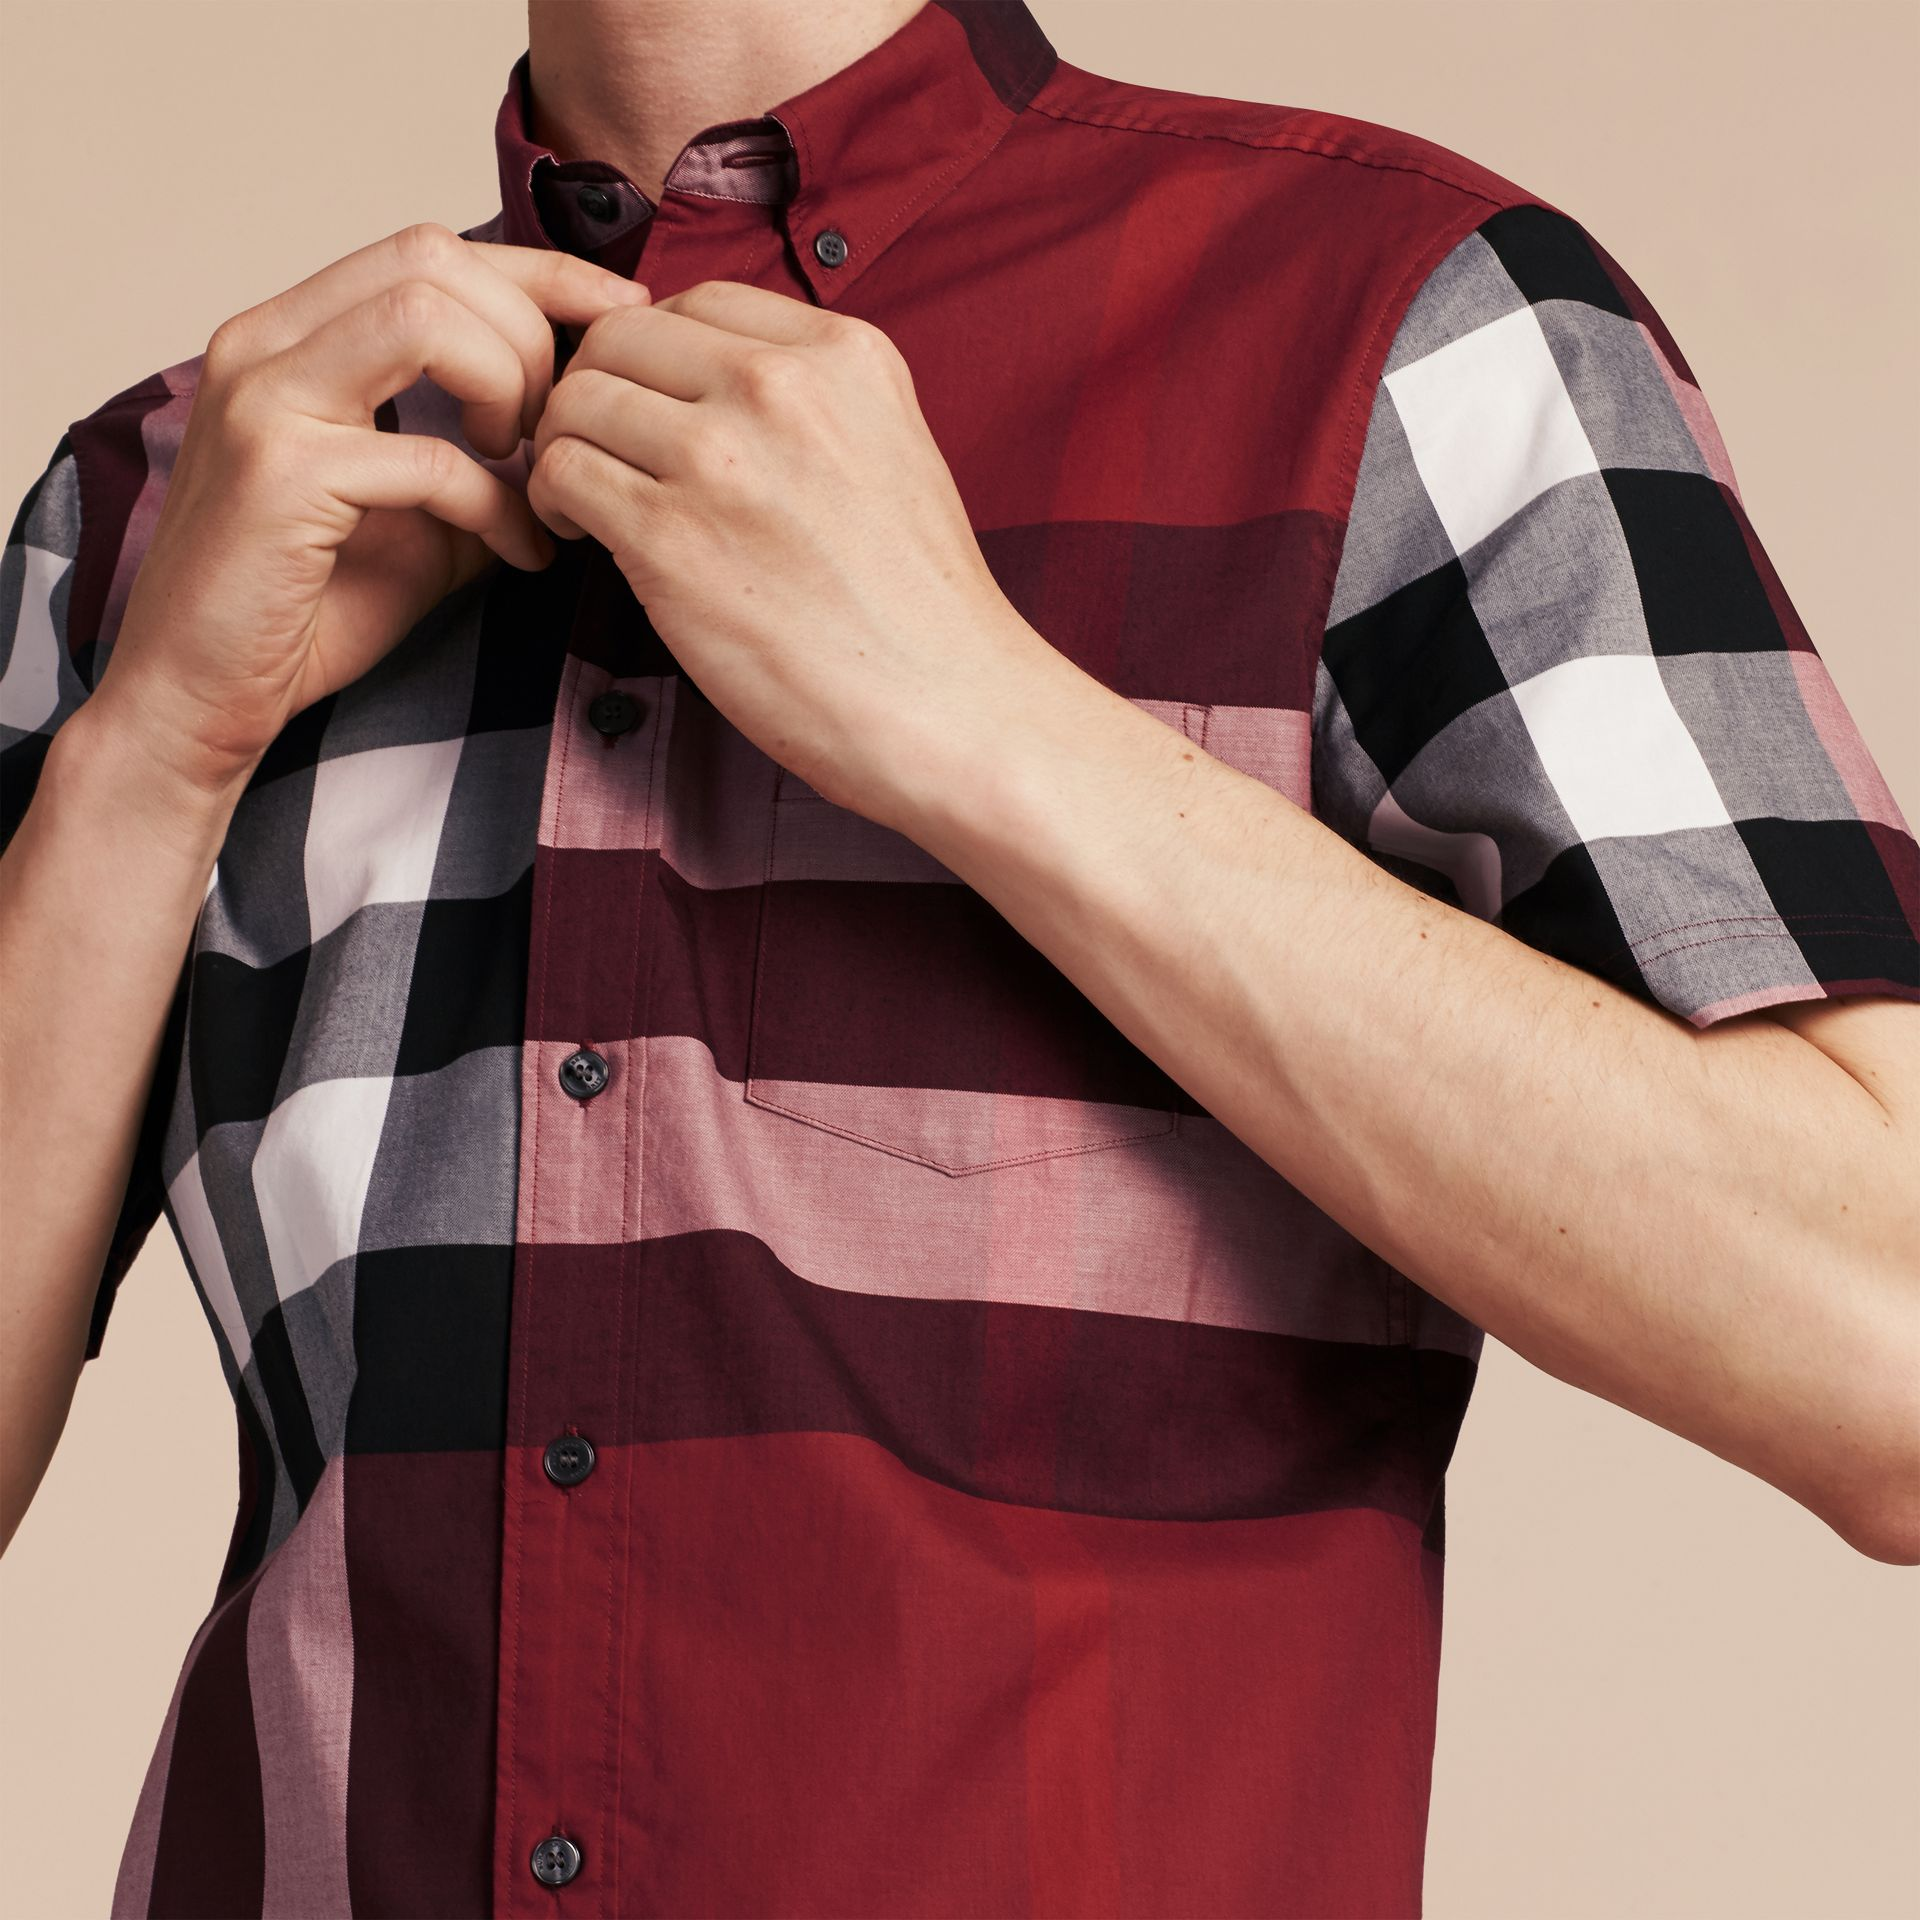 Berry red Camisa de algodão com estampa xadrez e mangas curtas Berry Red - galeria de imagens 5